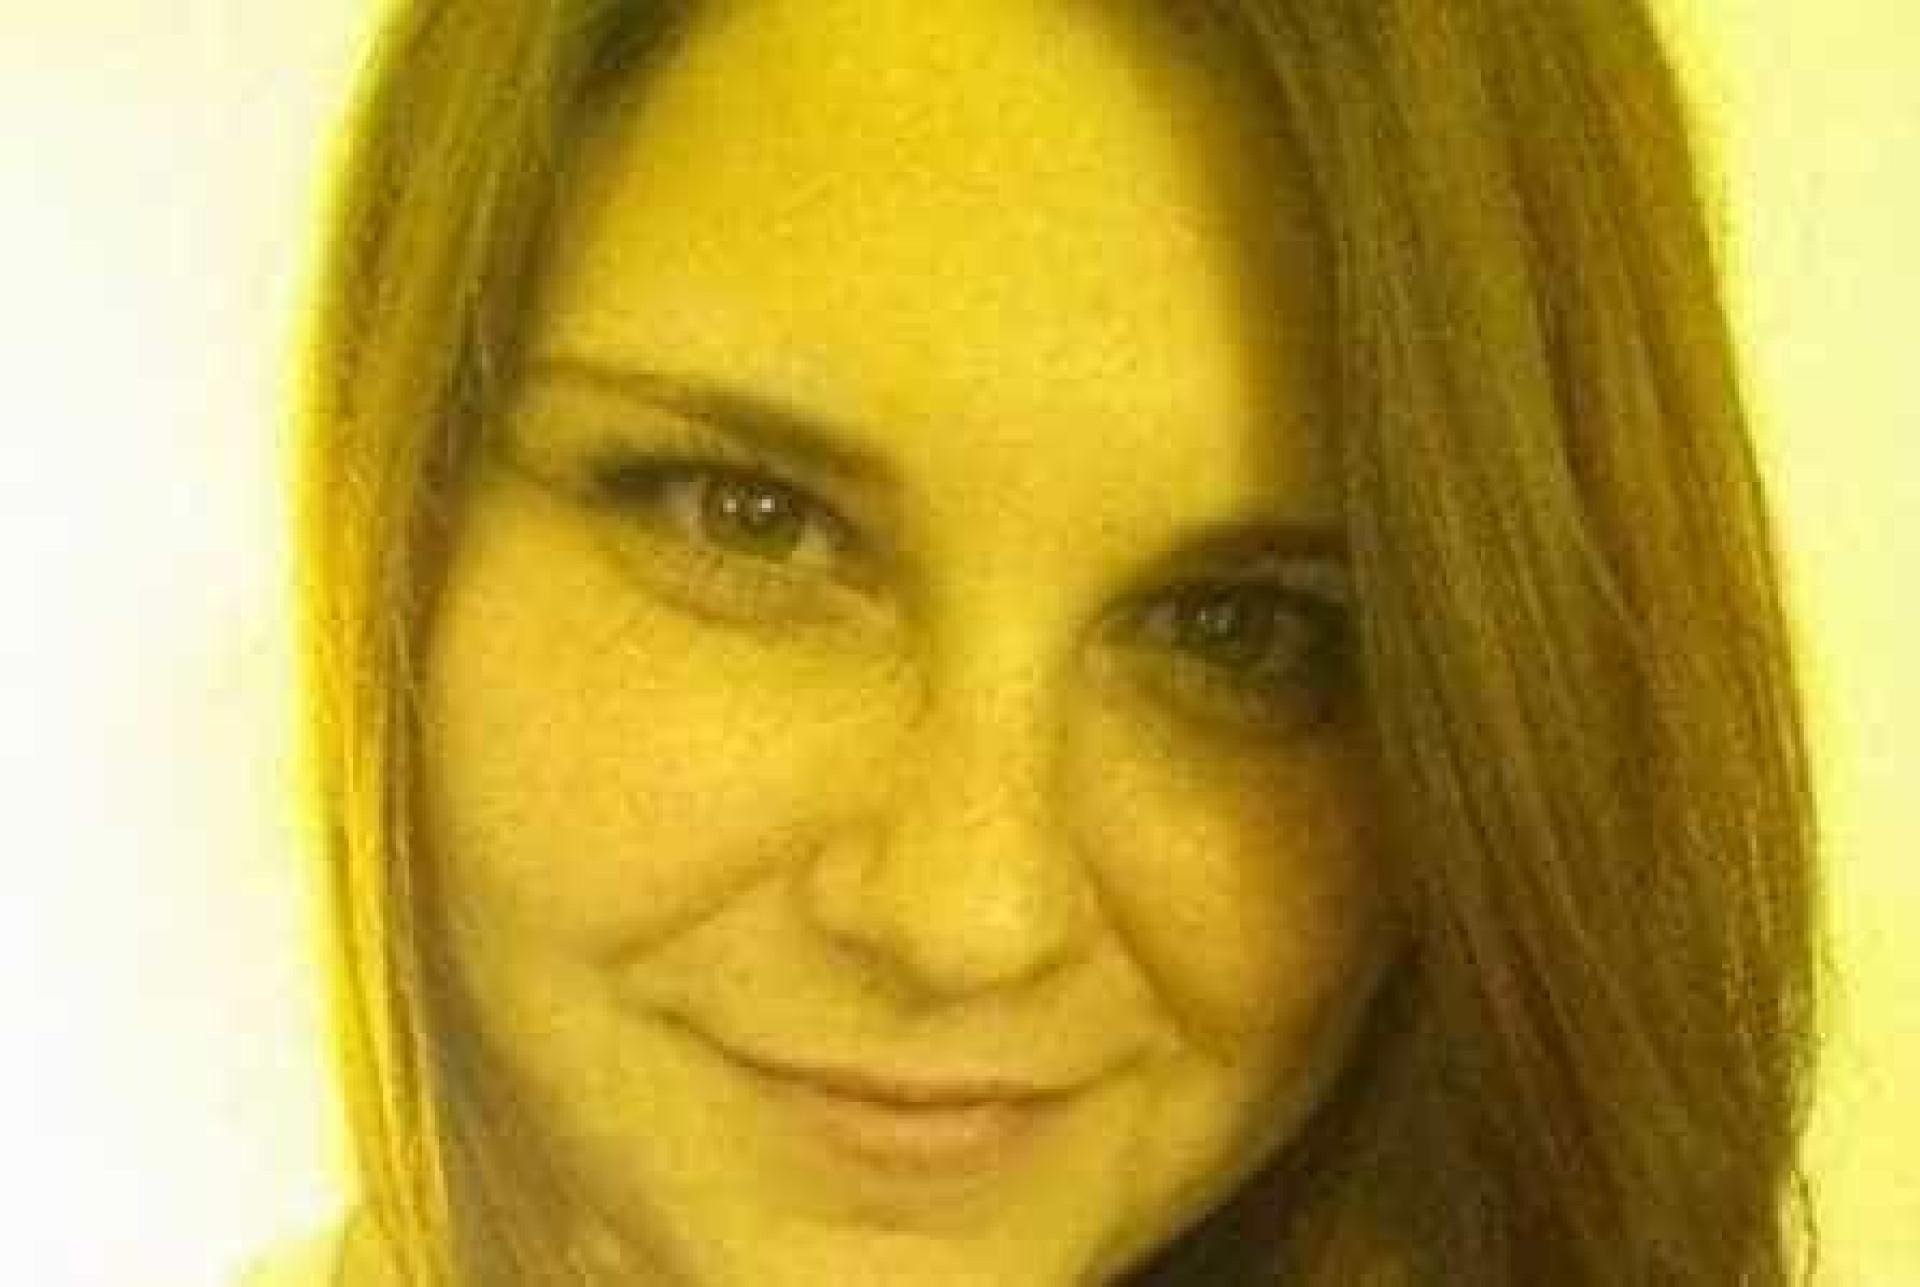 Mãe de vítima de protestos nos EUA: 'Fazia a coisa certa'